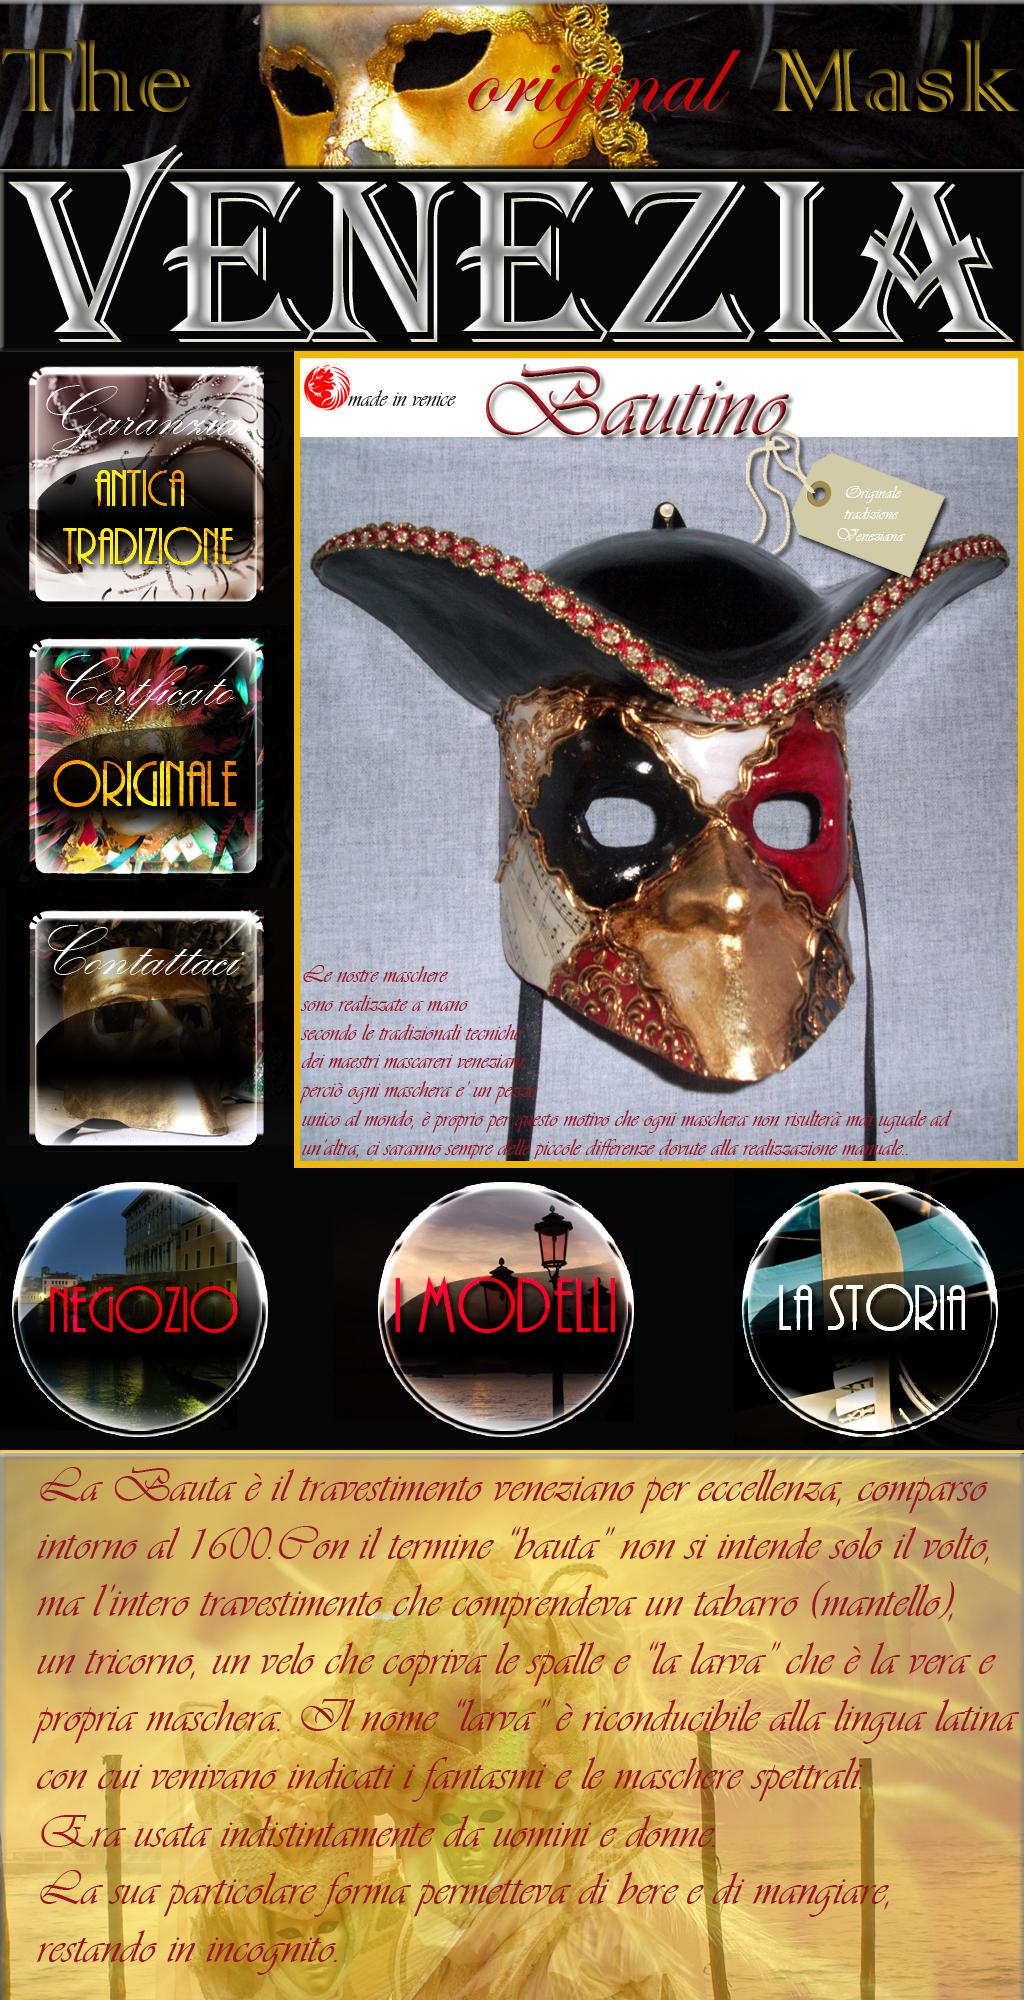 maschera veneziana bautino